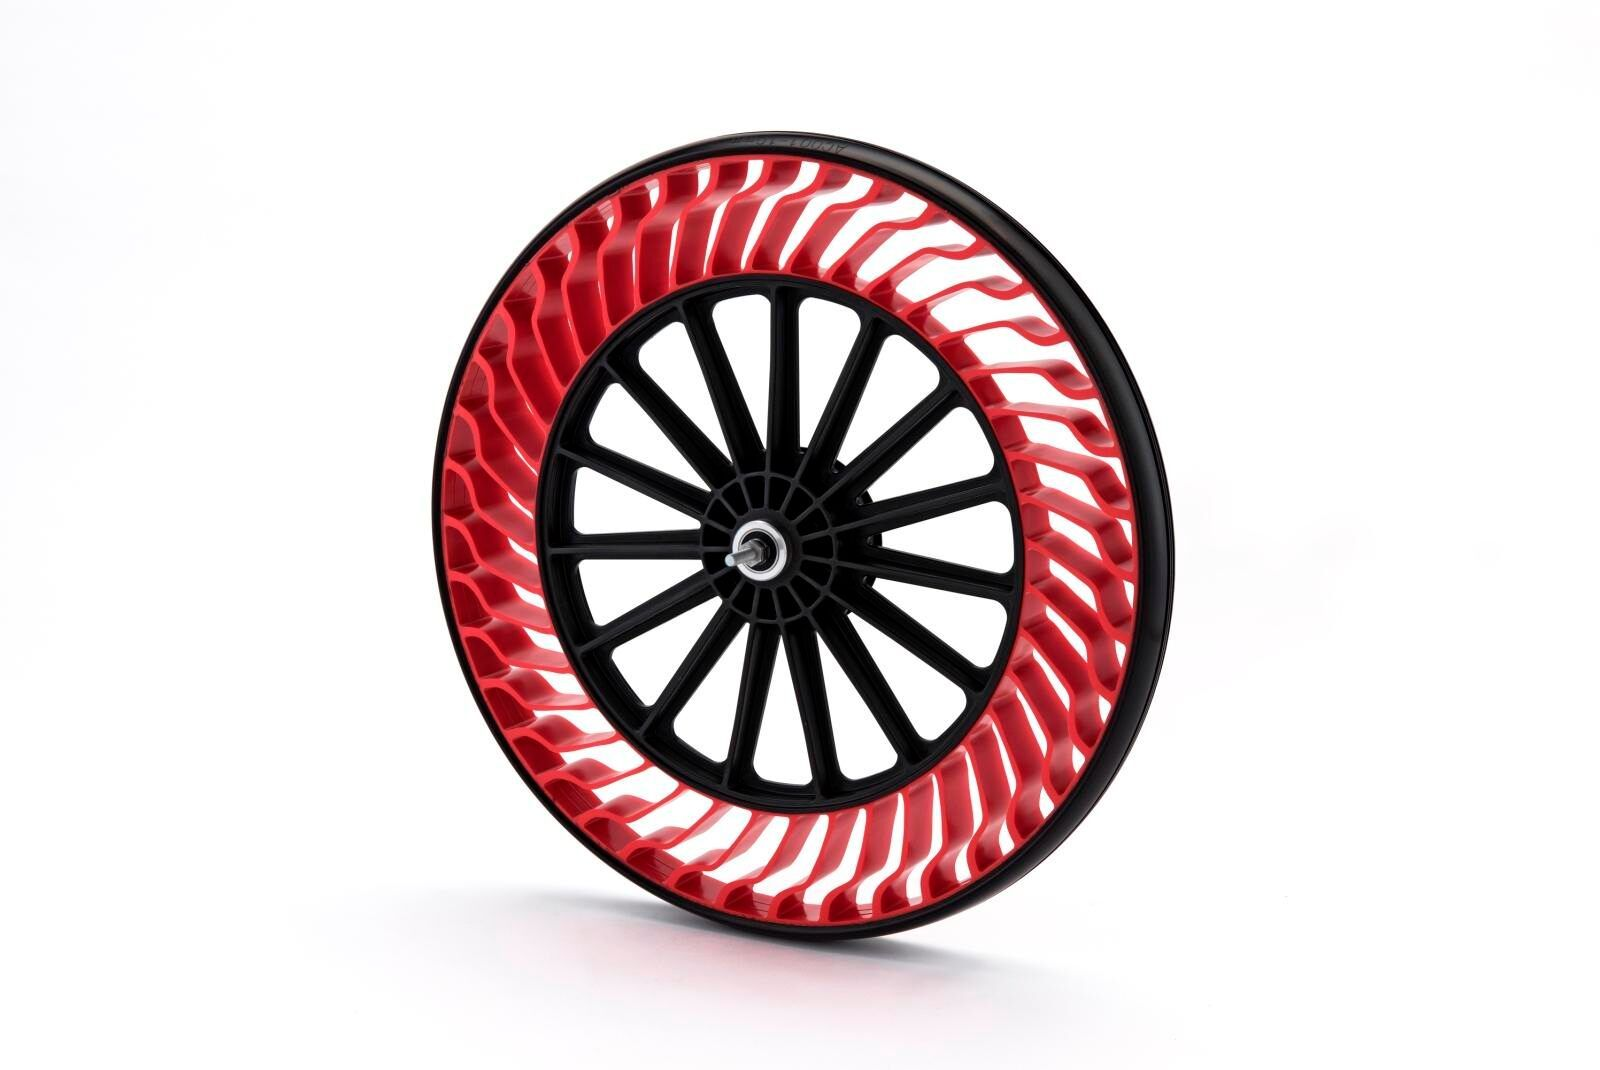 Інноваційні колеса від Bridgestone, що не бояться проколів, з'являться на серійному транспорті вже цього року